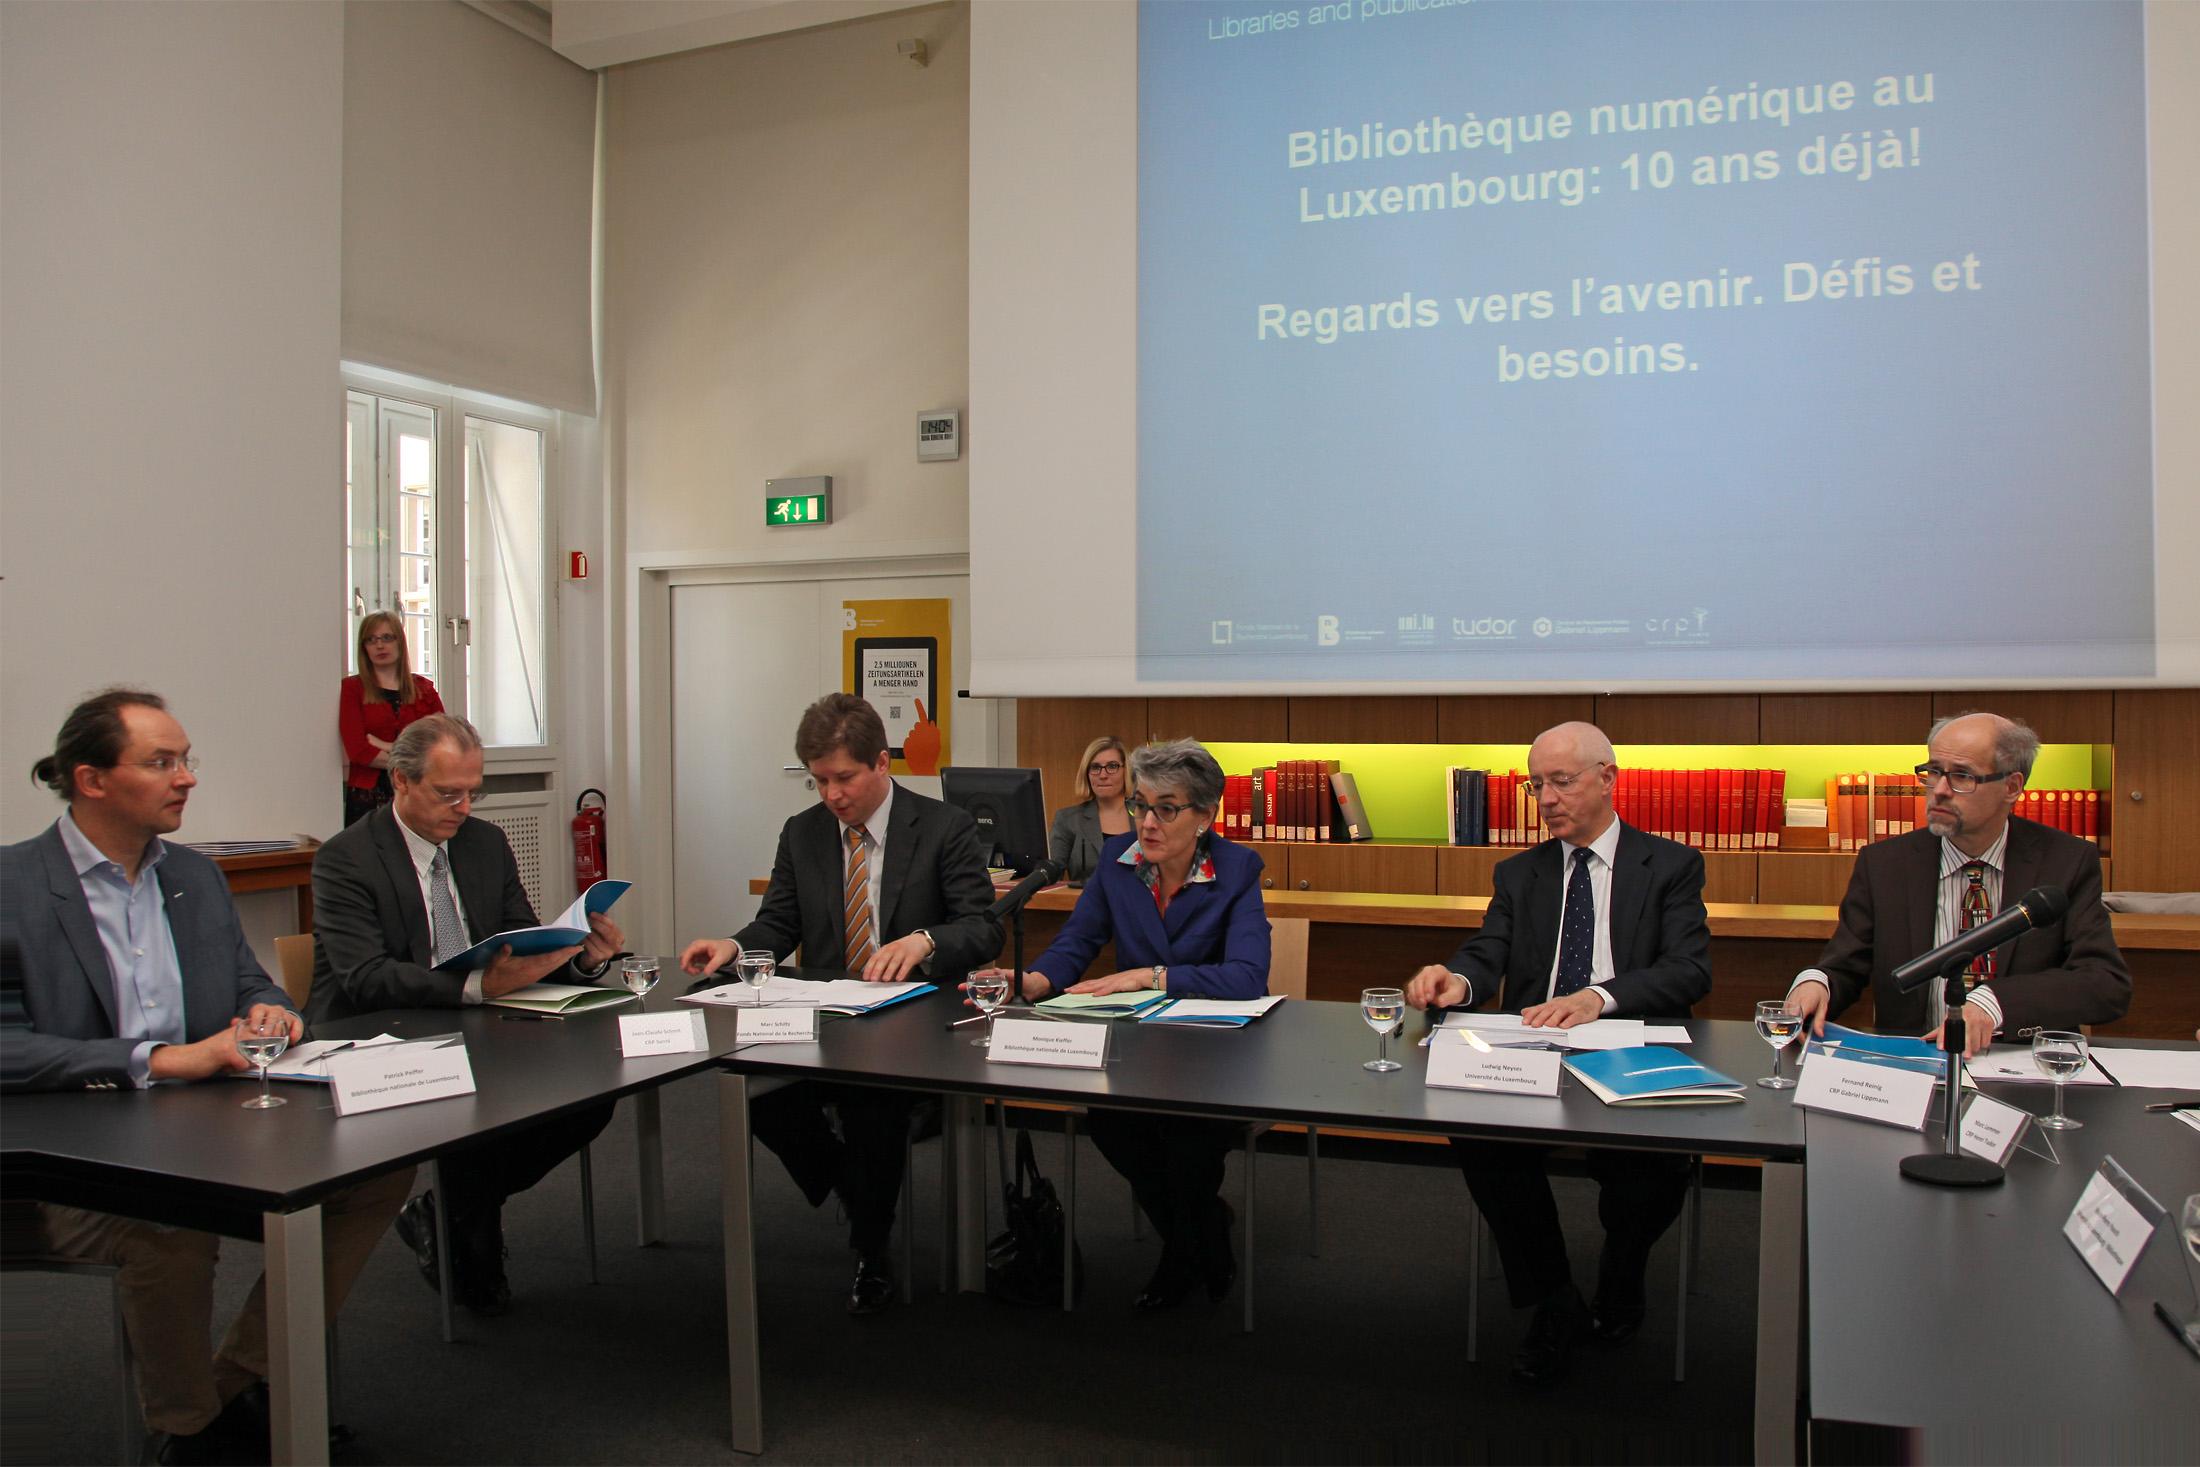 Les représentants du « Consortium Luxembourg » et du FnR